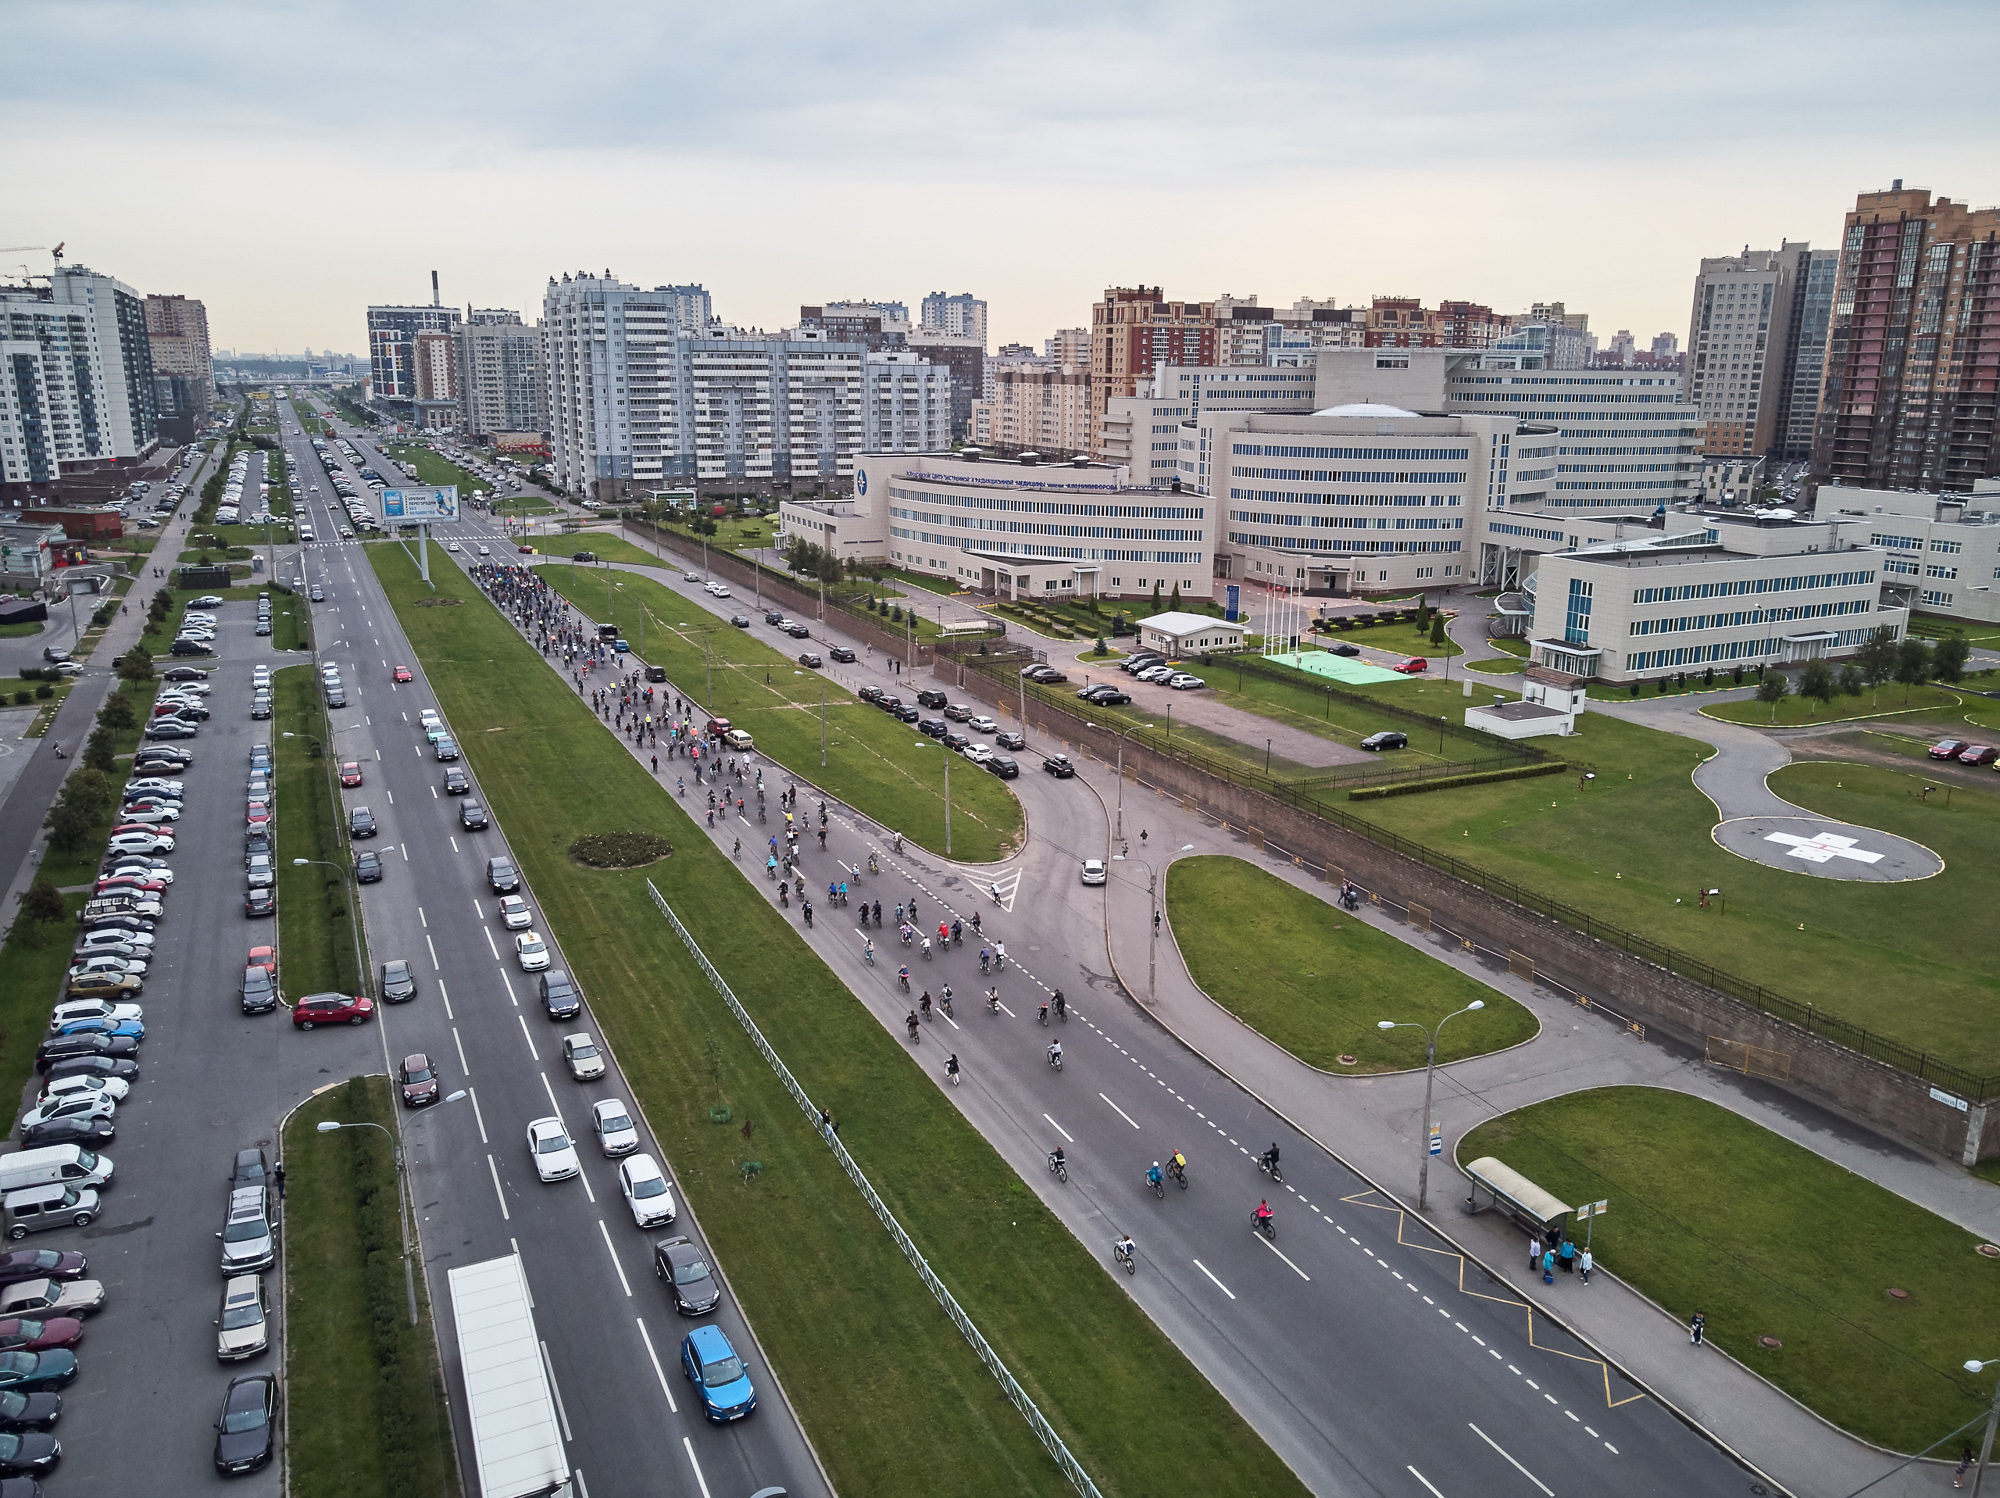 Приморская восьмерка 2018 (15 of 26)